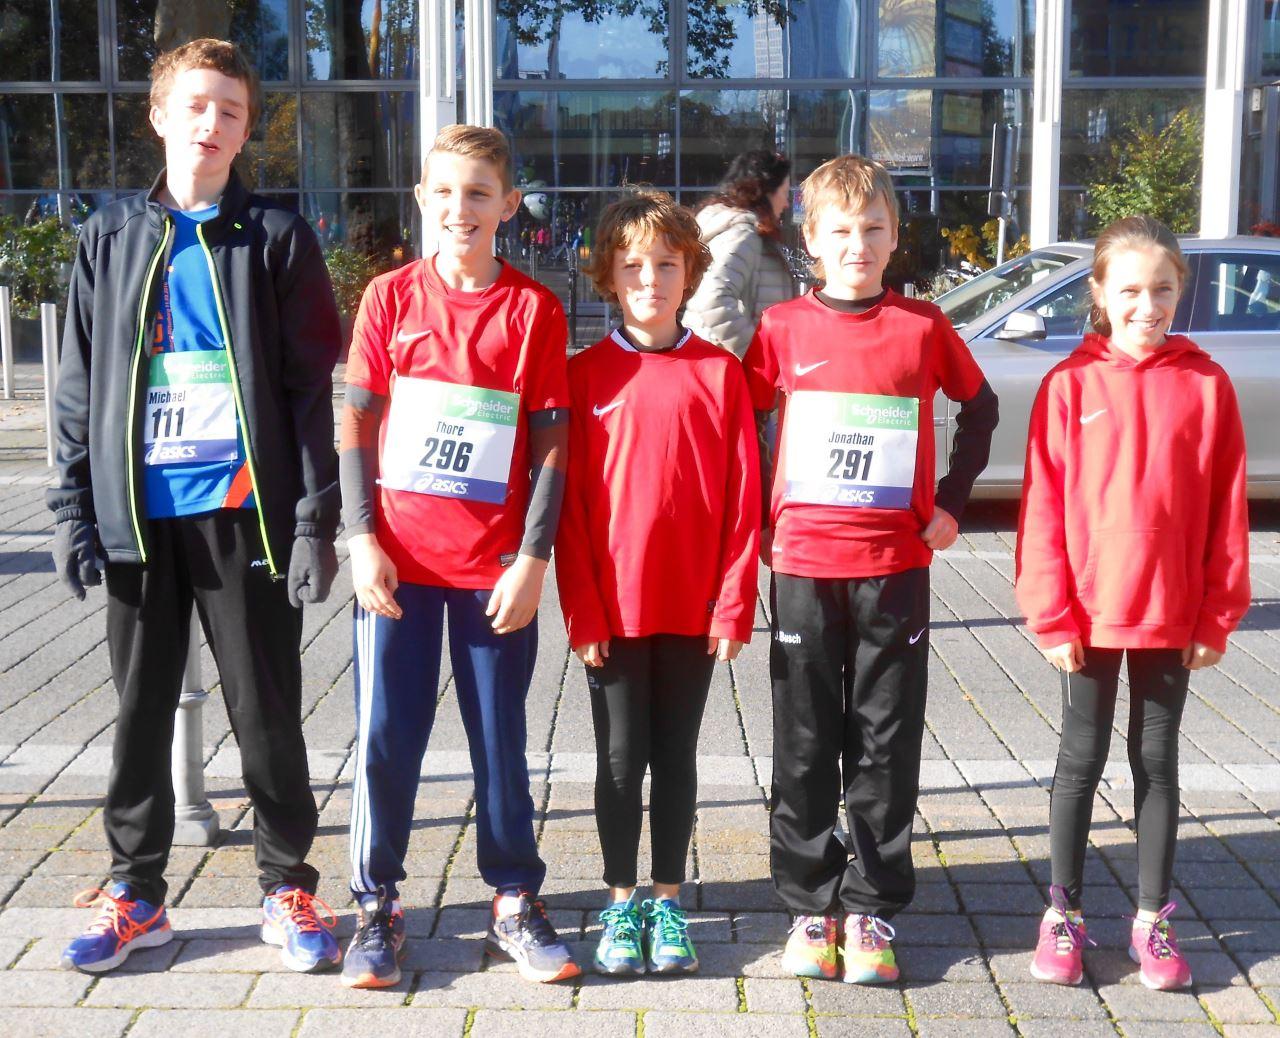 5 Kinder derLeichtathletikabteilung des TV Schweinheim beim Minimarathon in Frankfurt